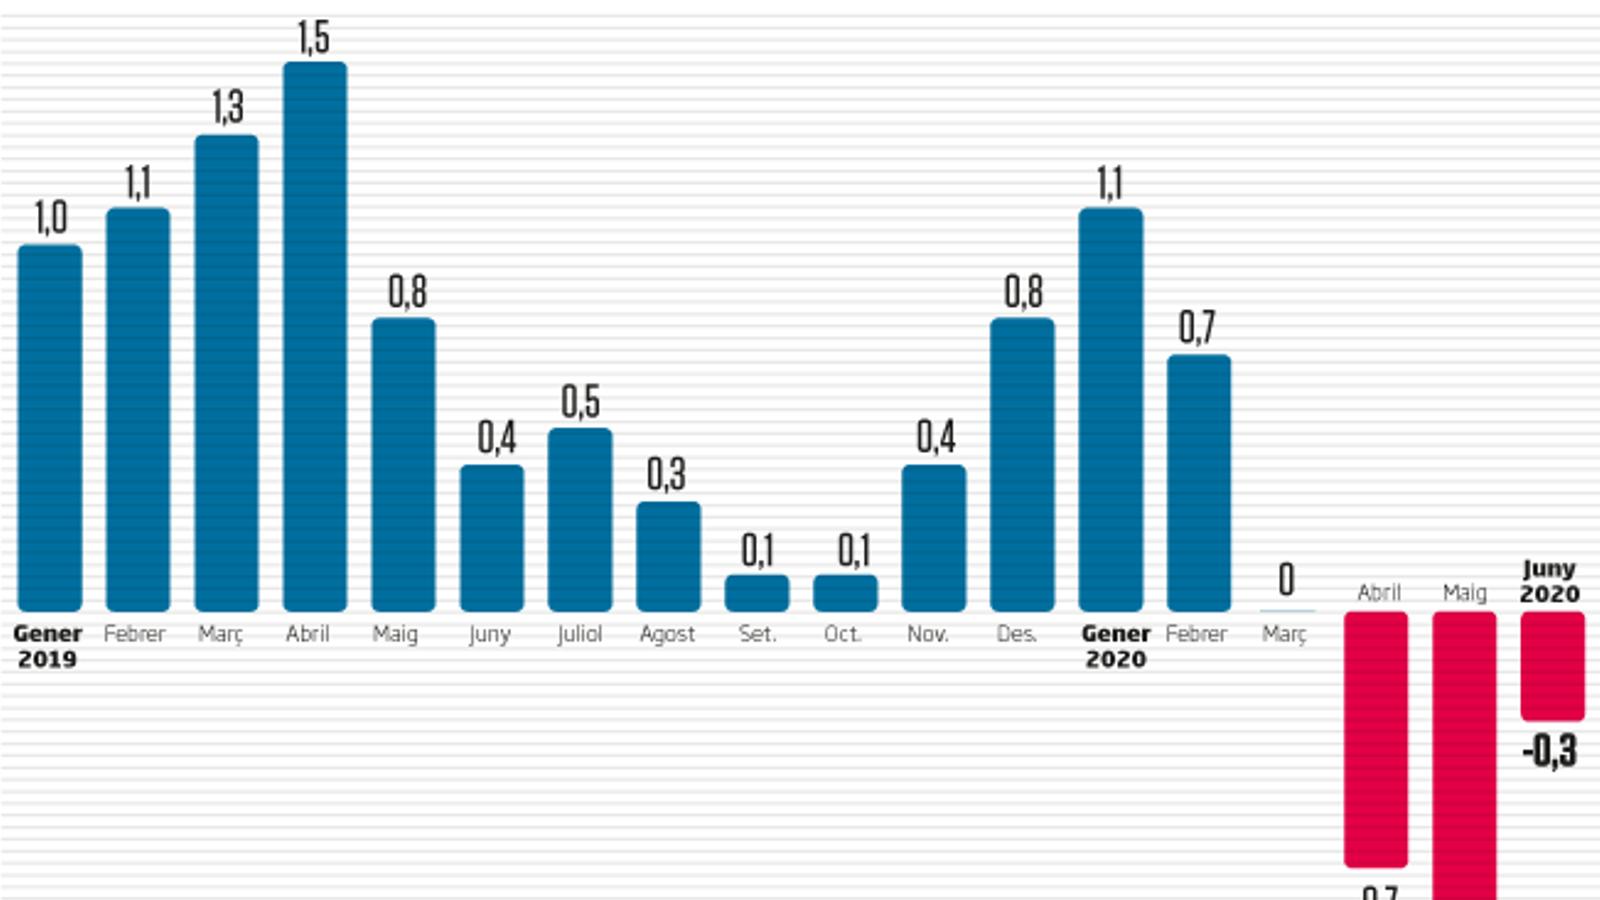 Els preus pugen al juny per primera vegada en quatre mesos